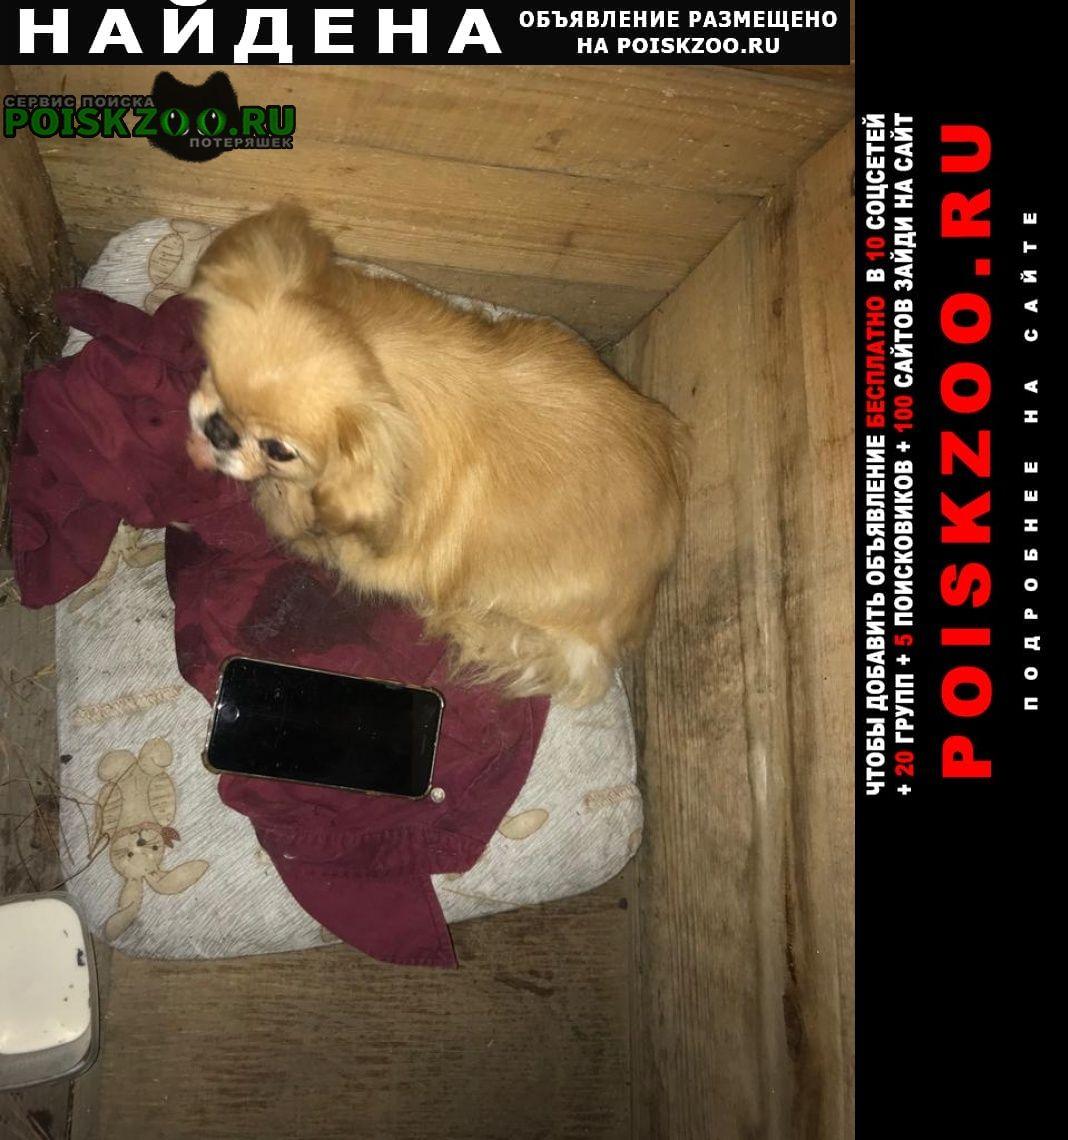 Найдена собака похожа на пекинеса Новосибирск